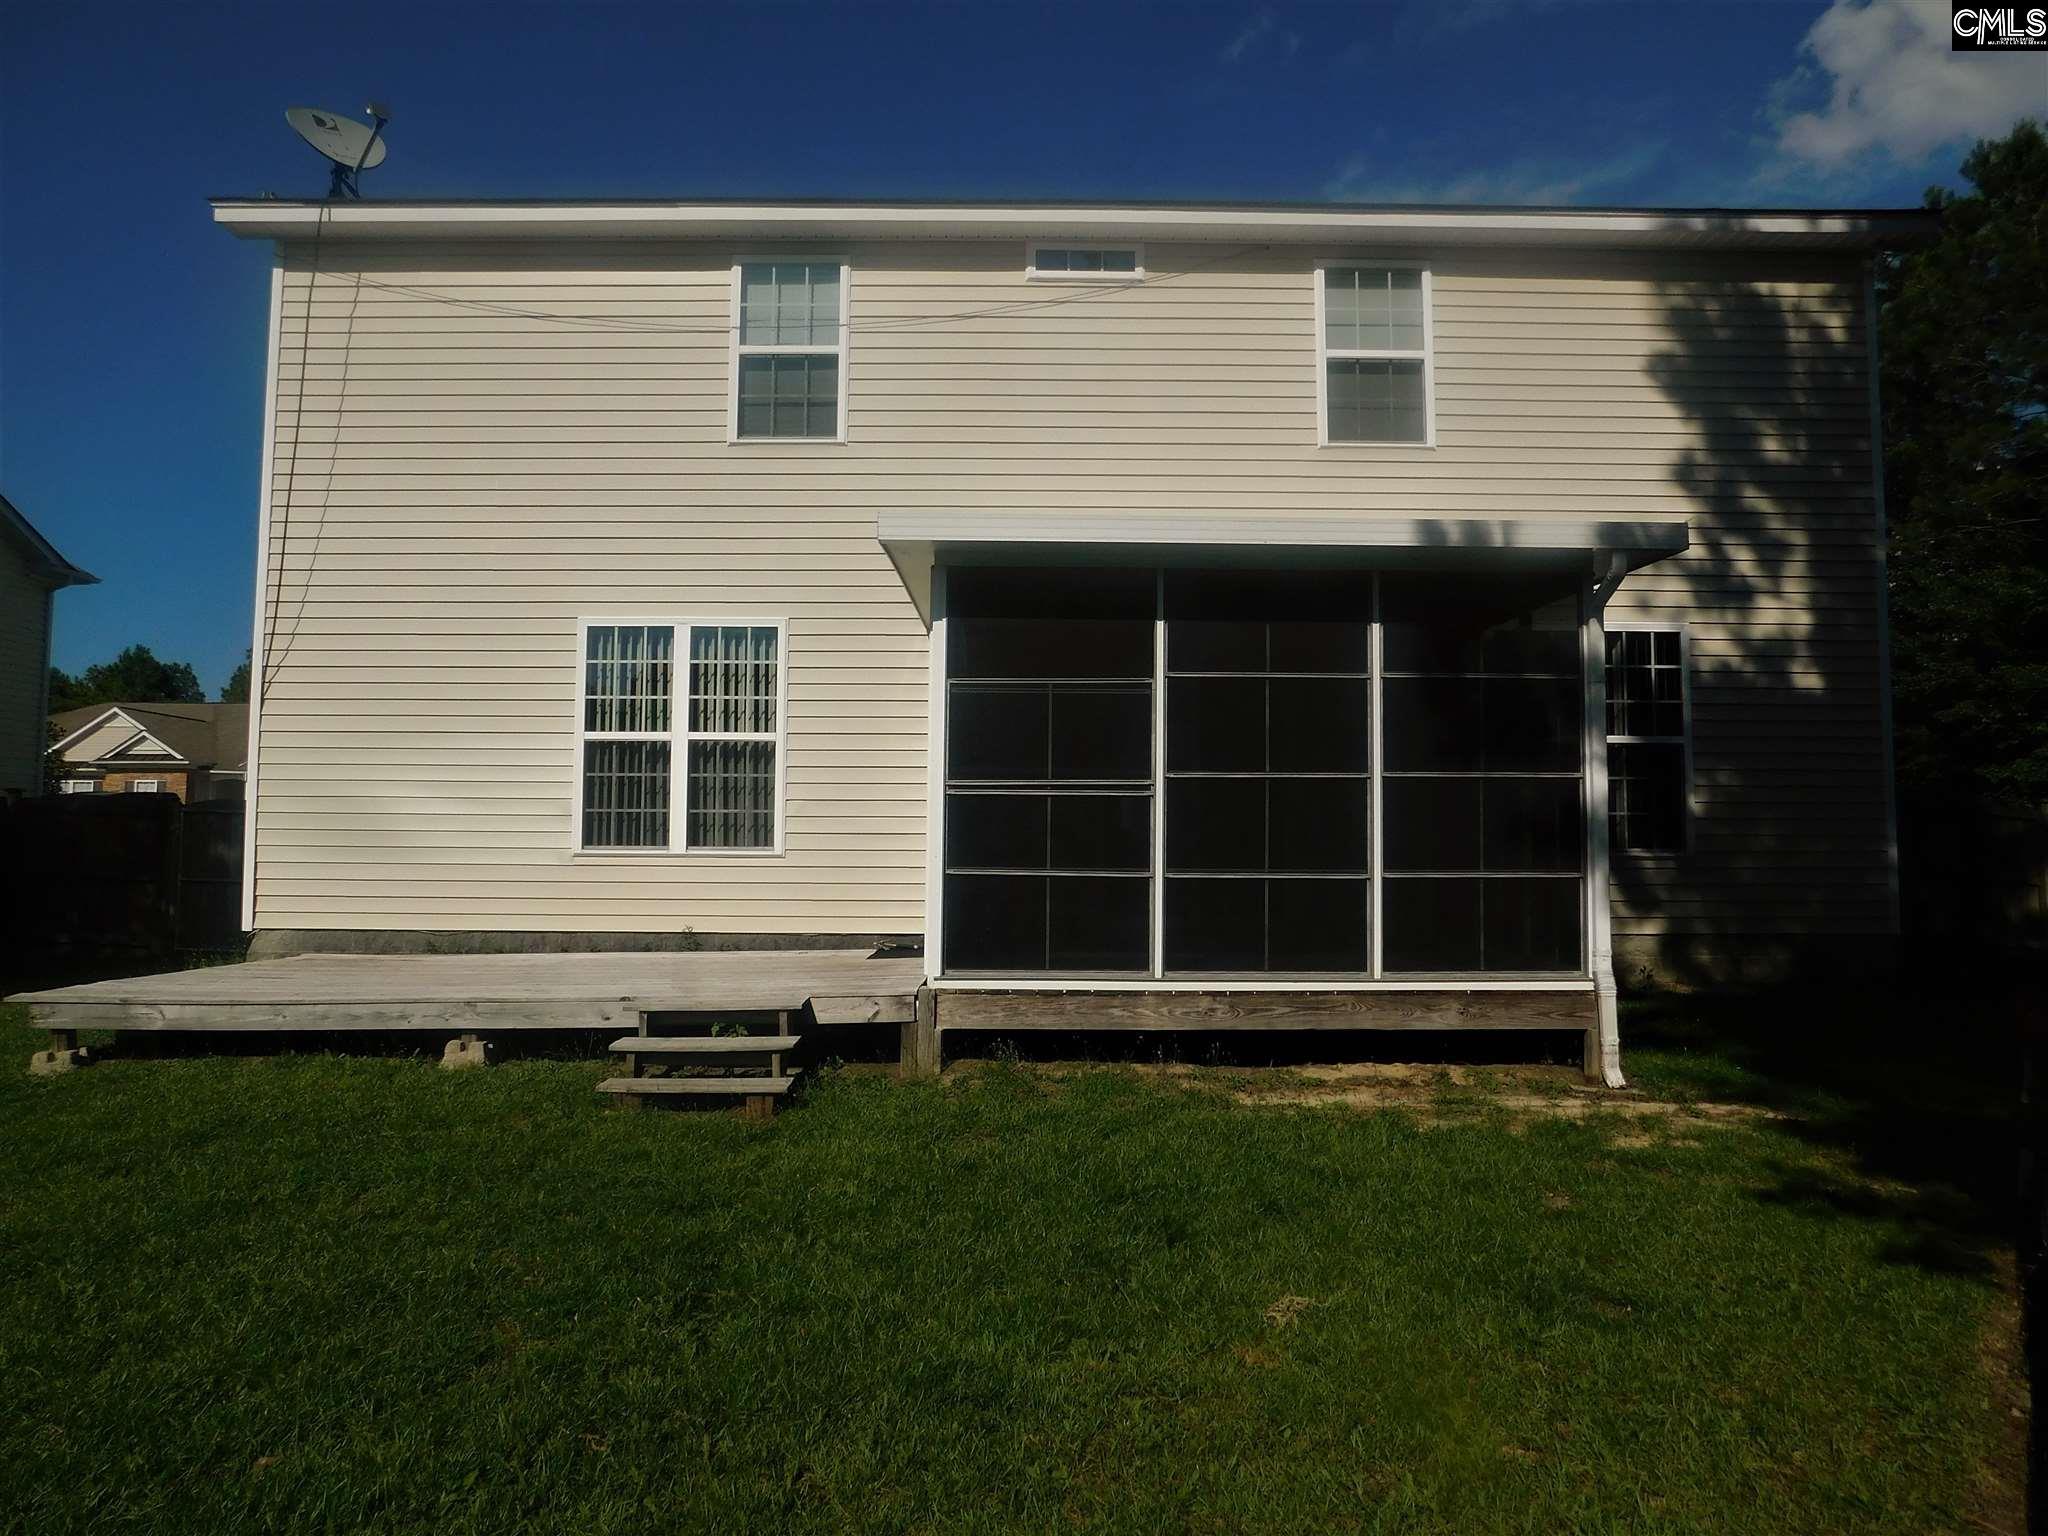 109 Thomaston Columbia, SC 29229-8191